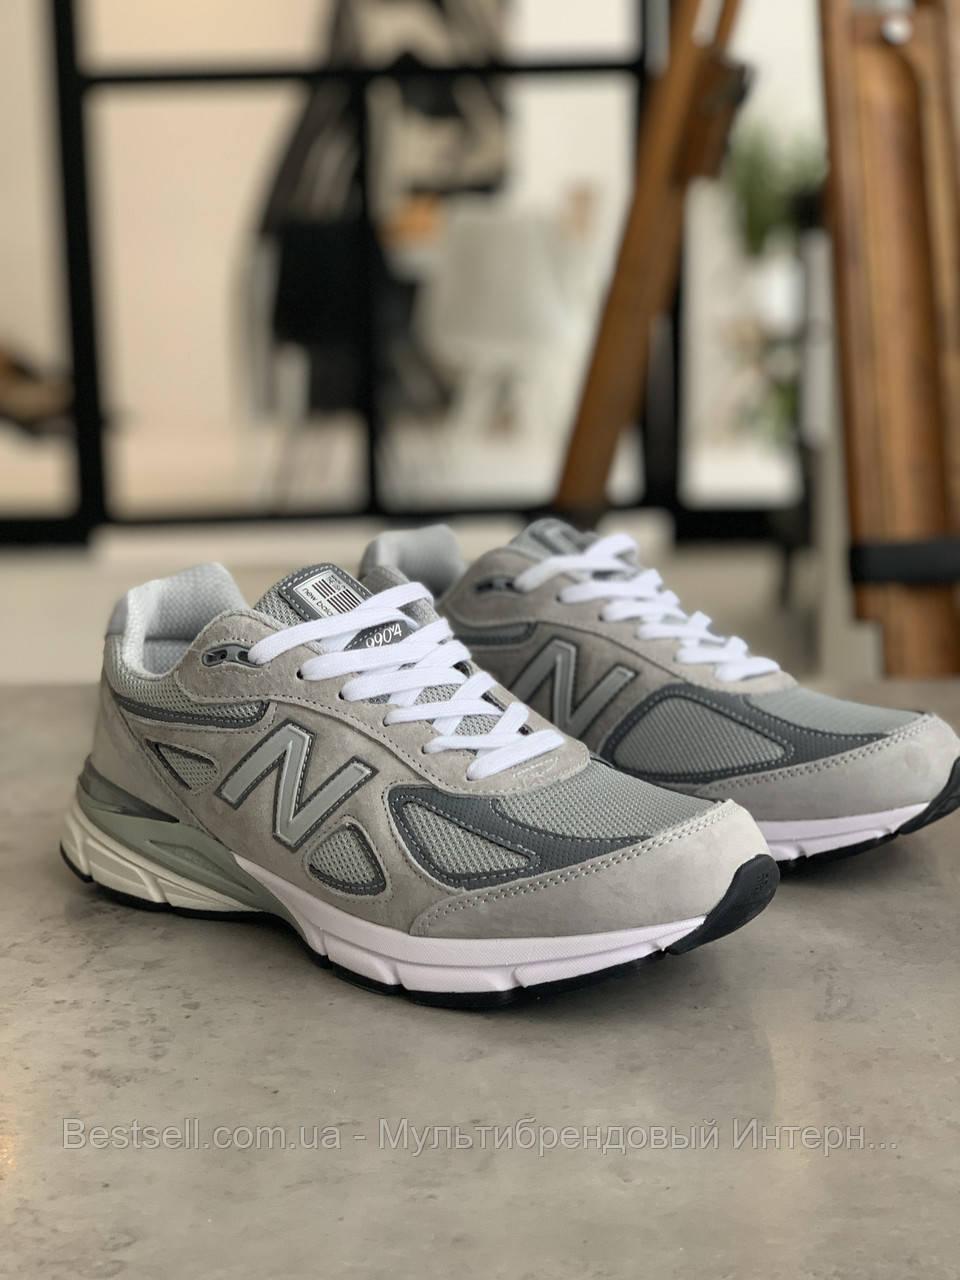 Кроссовки New Balance 993 Grey Нью Беланс 993 Серые (41,42 )